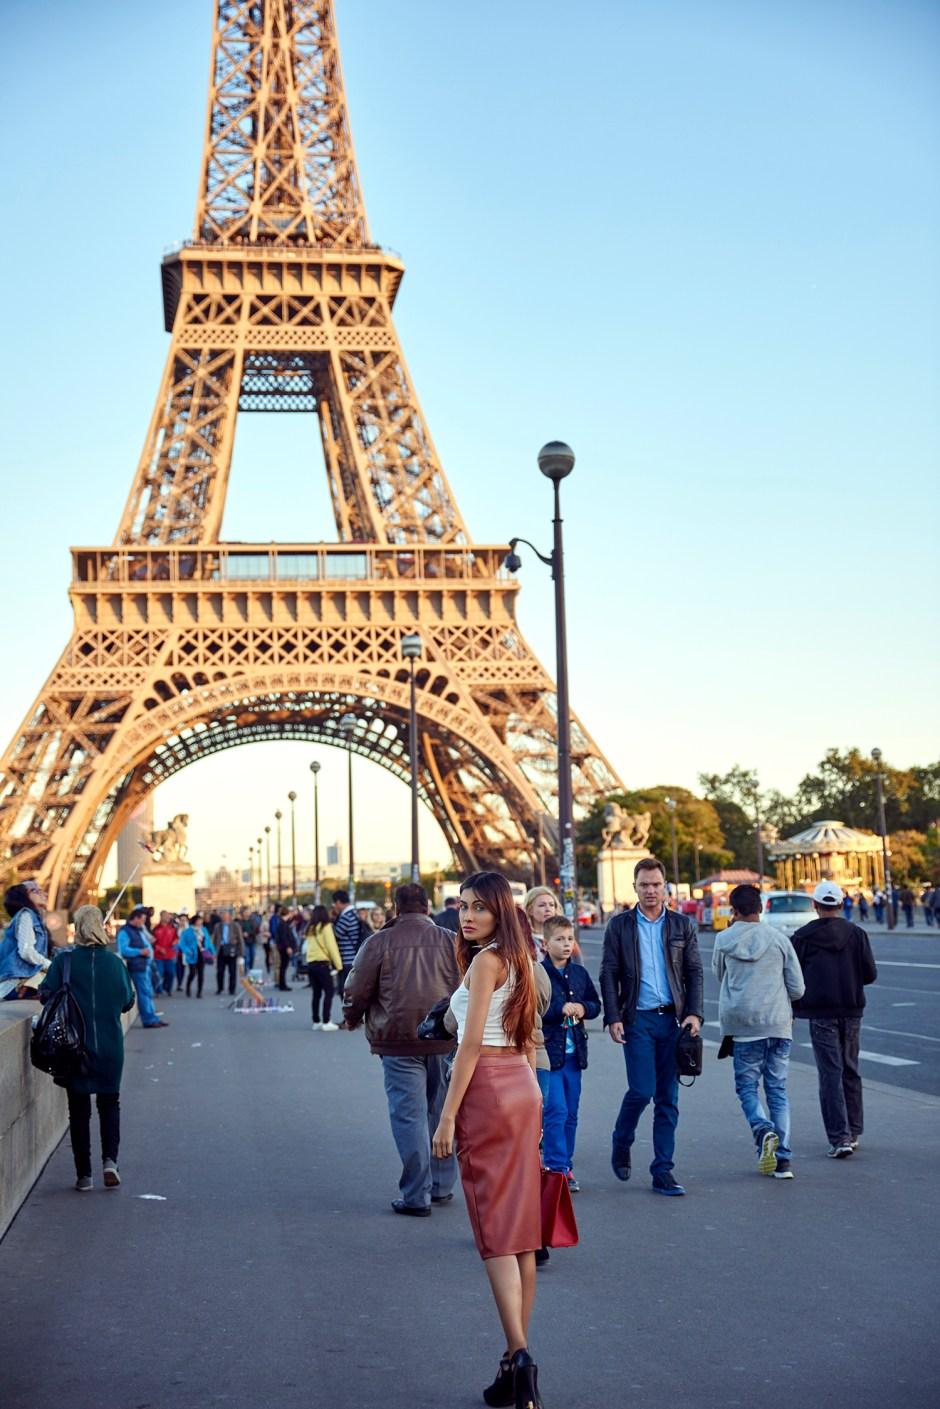 Being-a-tourist